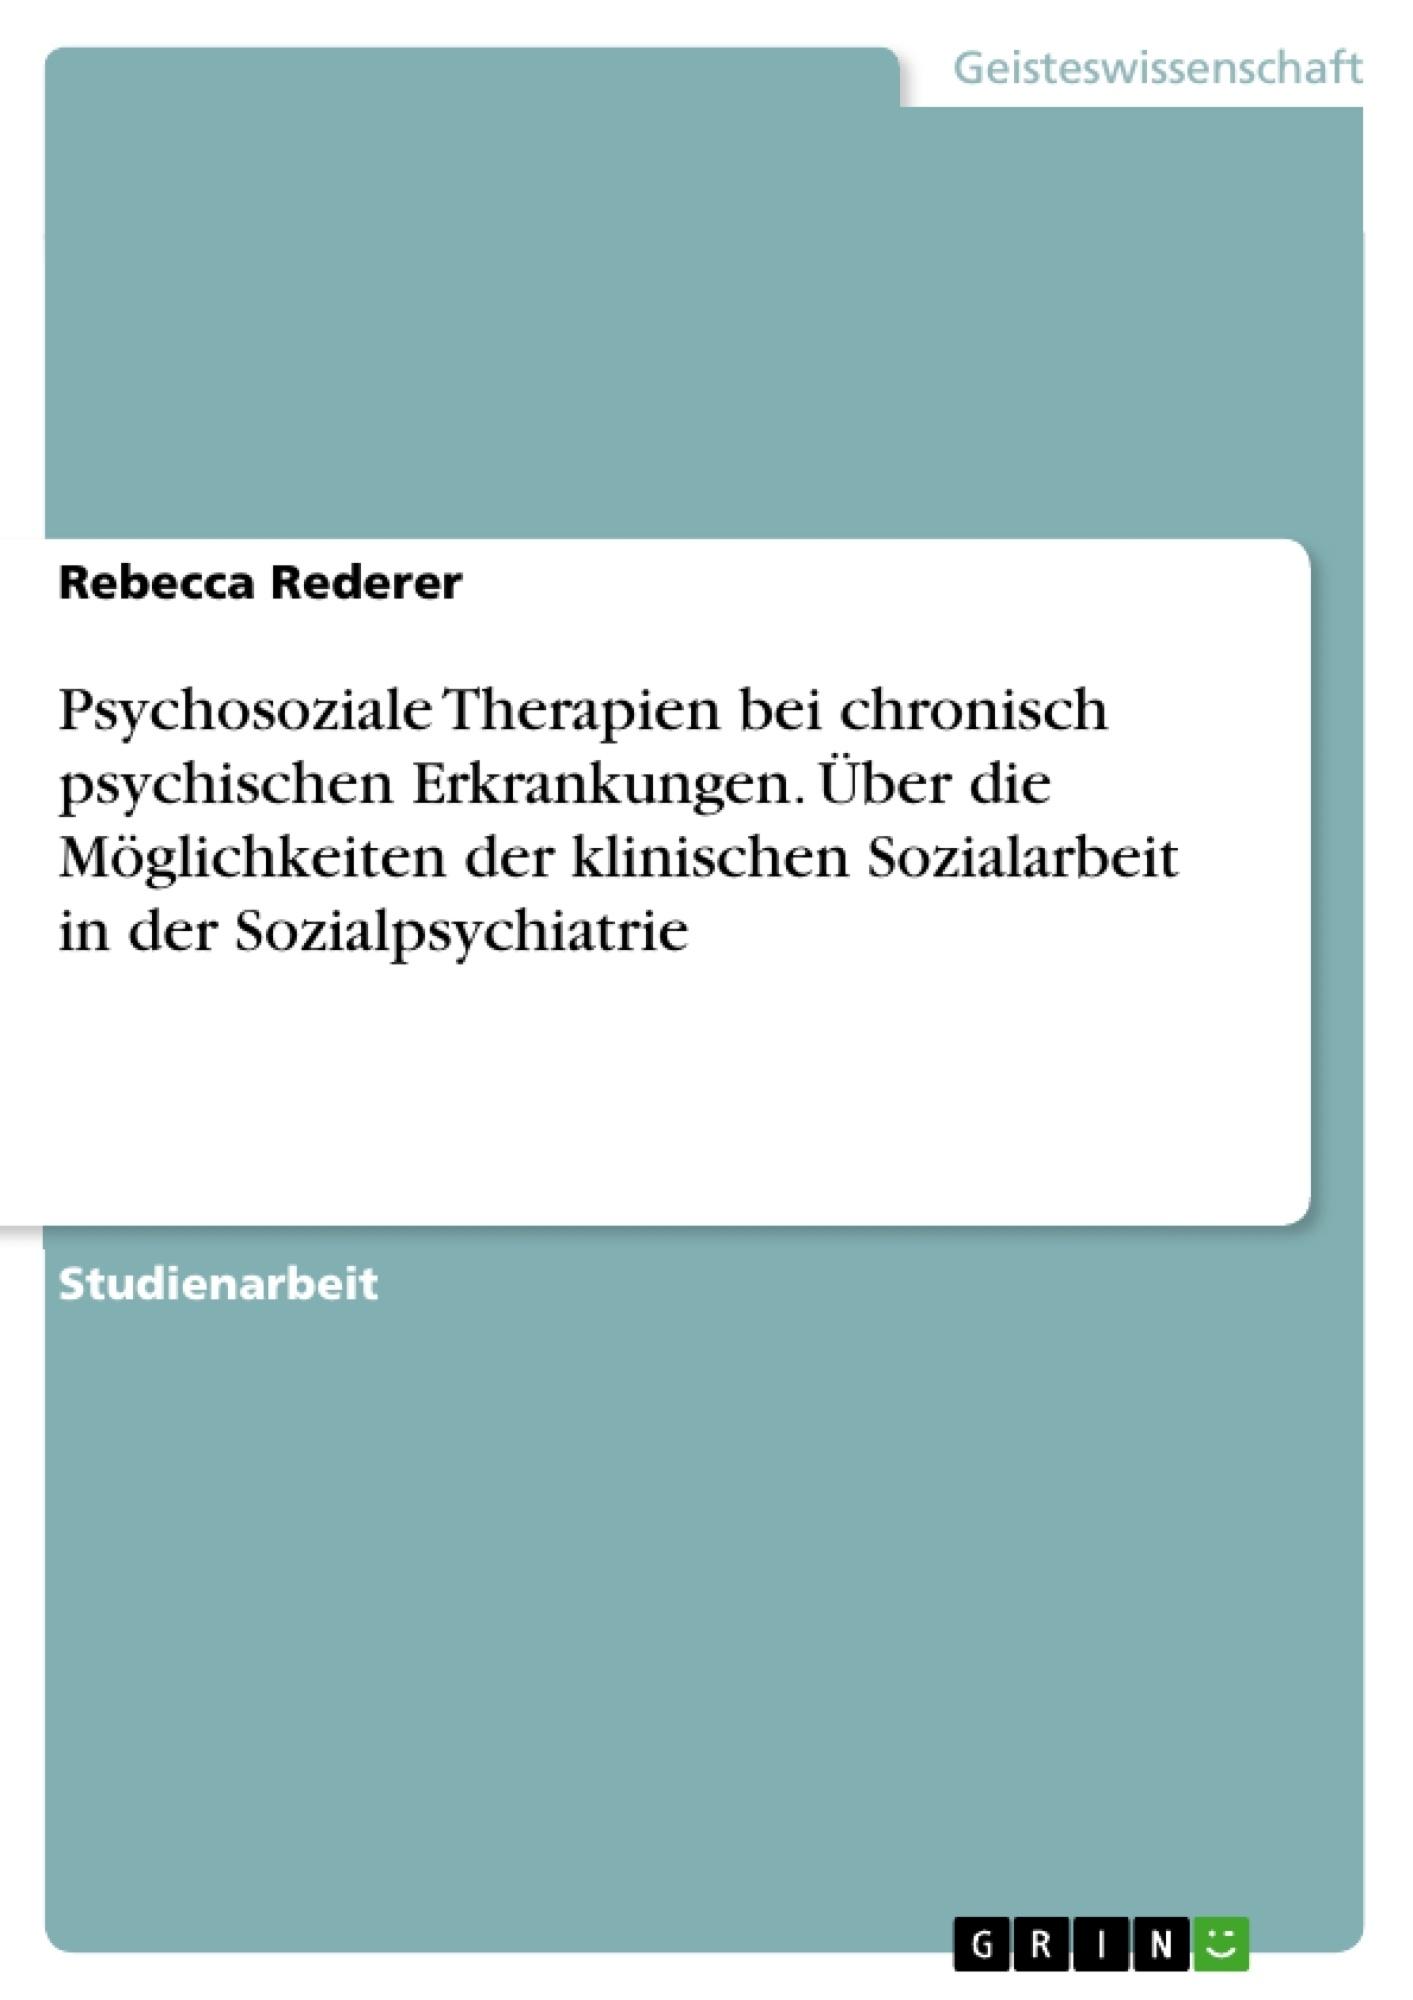 Titel: Psychosoziale Therapien bei chronisch psychischen Erkrankungen. Über die Möglichkeiten der klinischen Sozialarbeit in der Sozialpsychiatrie